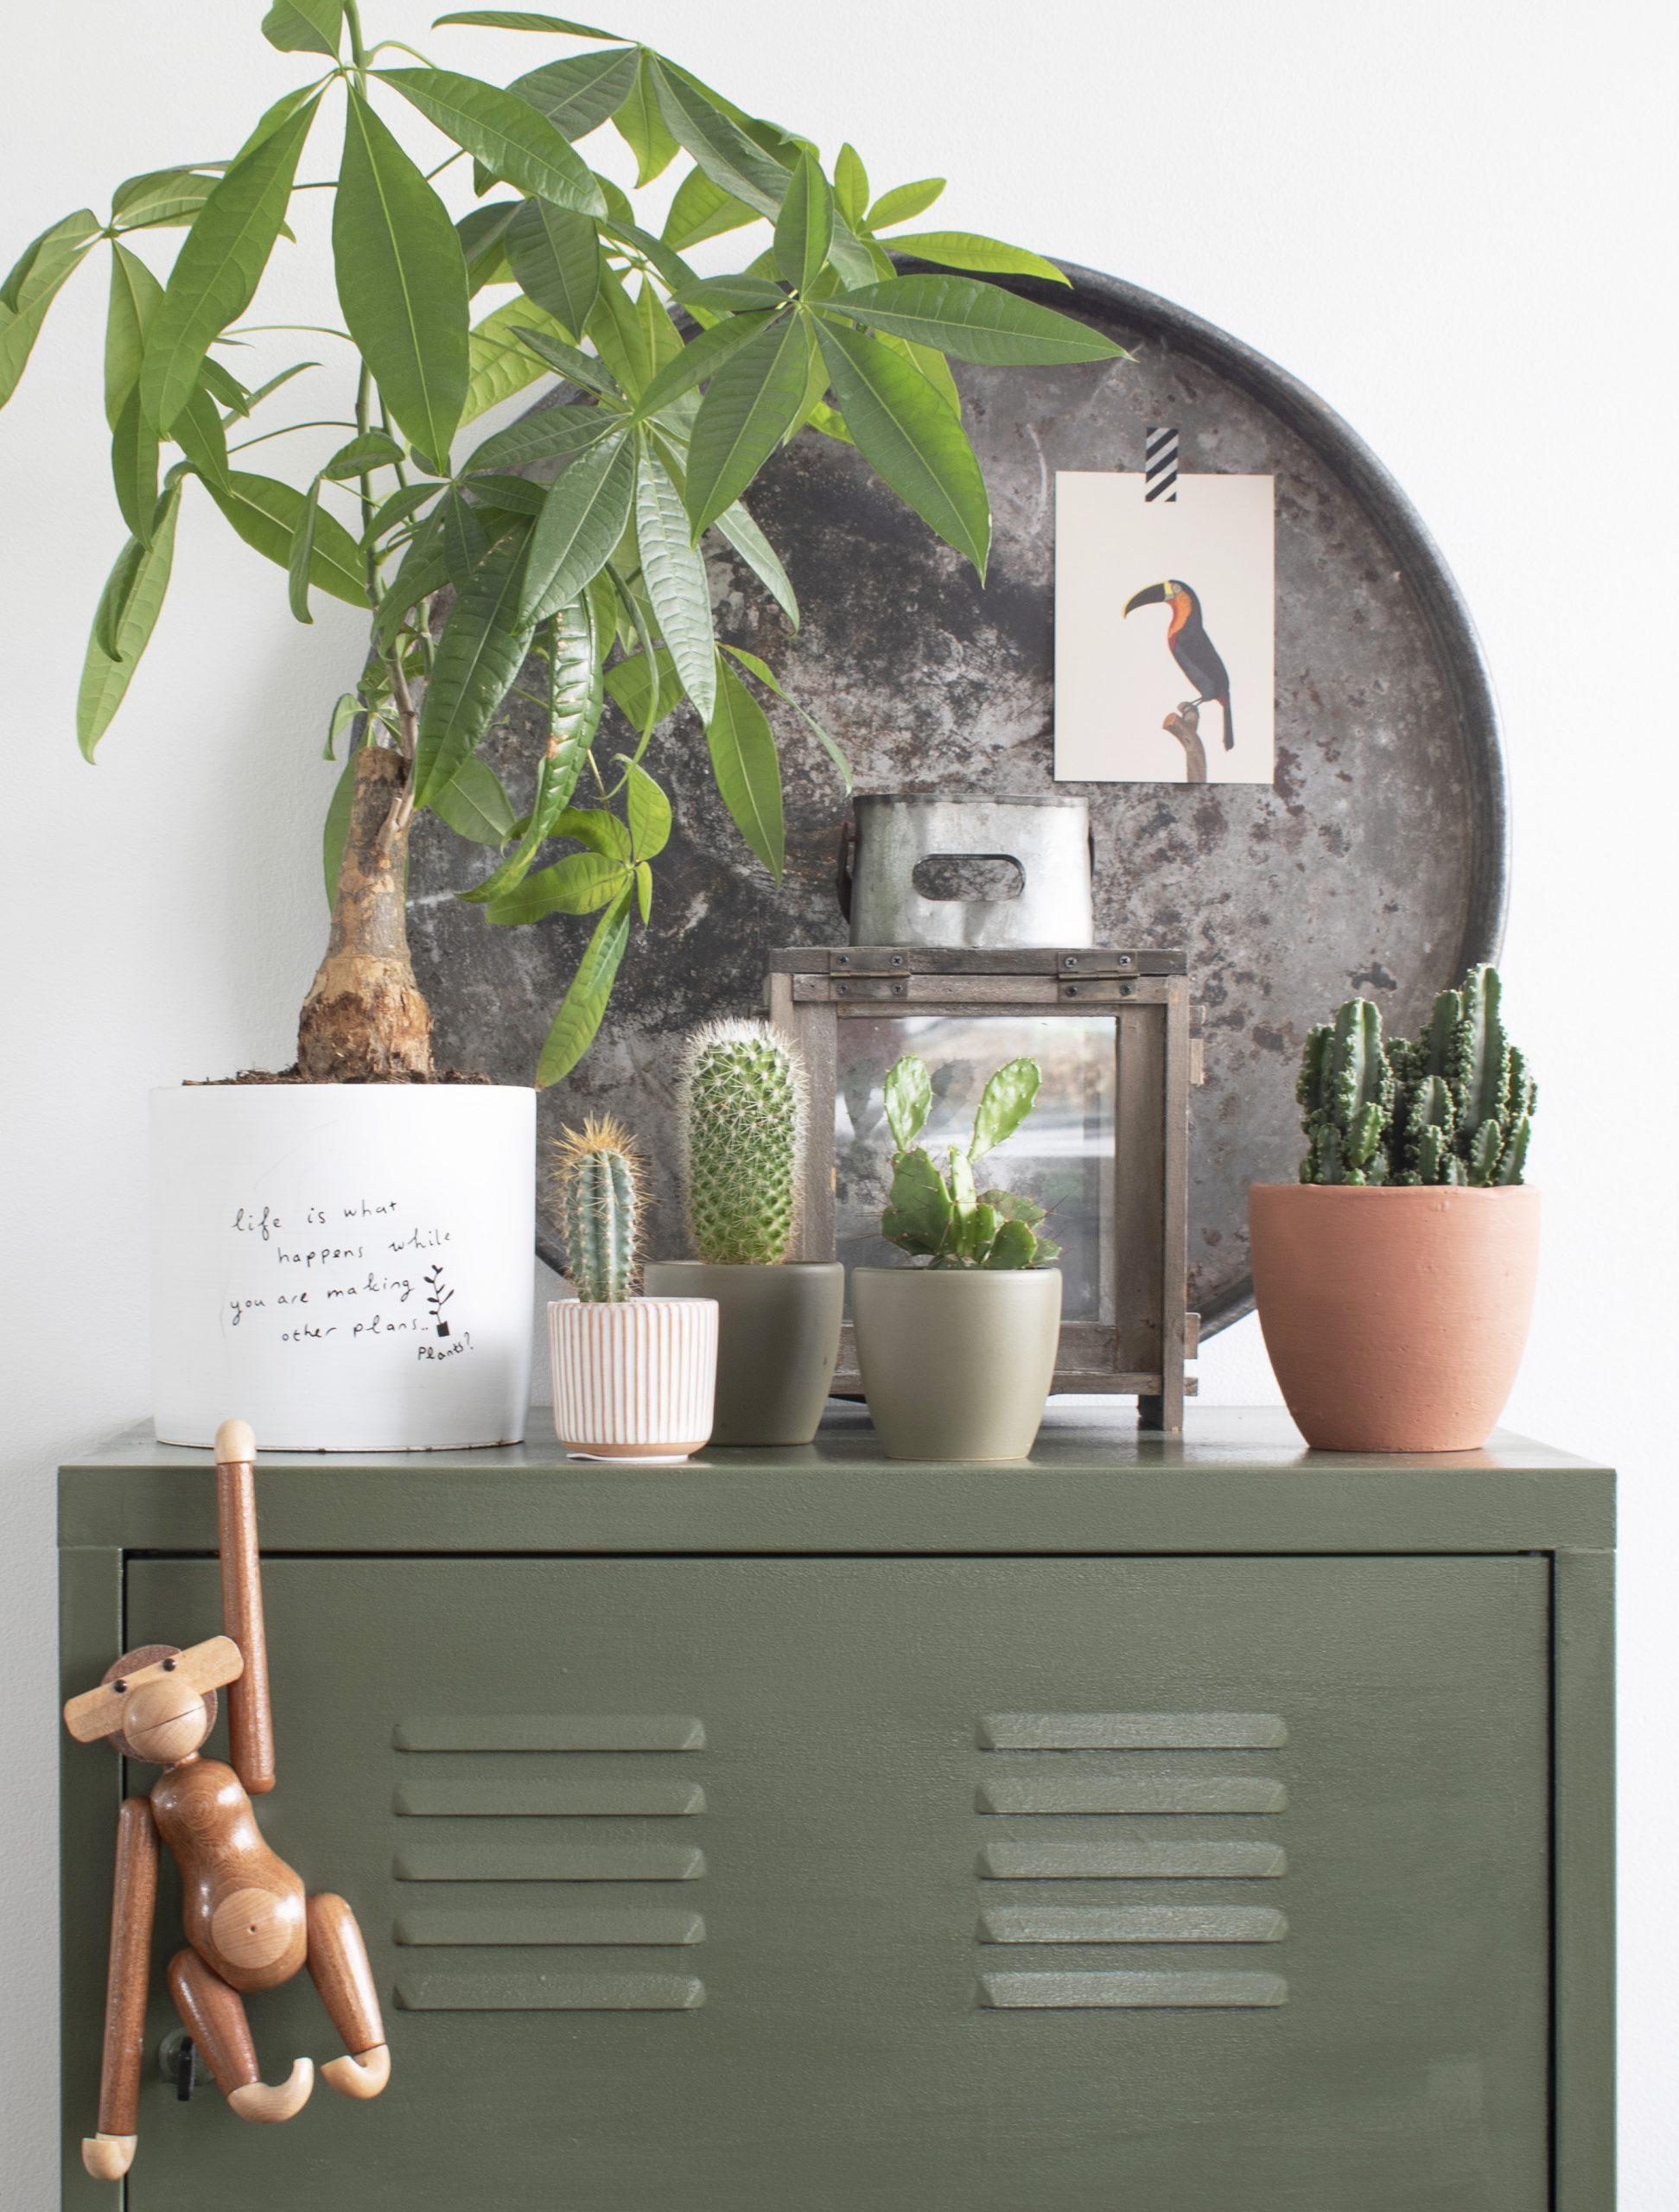 groene decoratie woondecoratie groen groene decoratie woonkamer groene accessoires groene woonaccessoires groen in huis groeninhuis meergroeninhuis groen interieur olijfgroen interieur woonkamer decoratie decoratie woonkamer accessoires